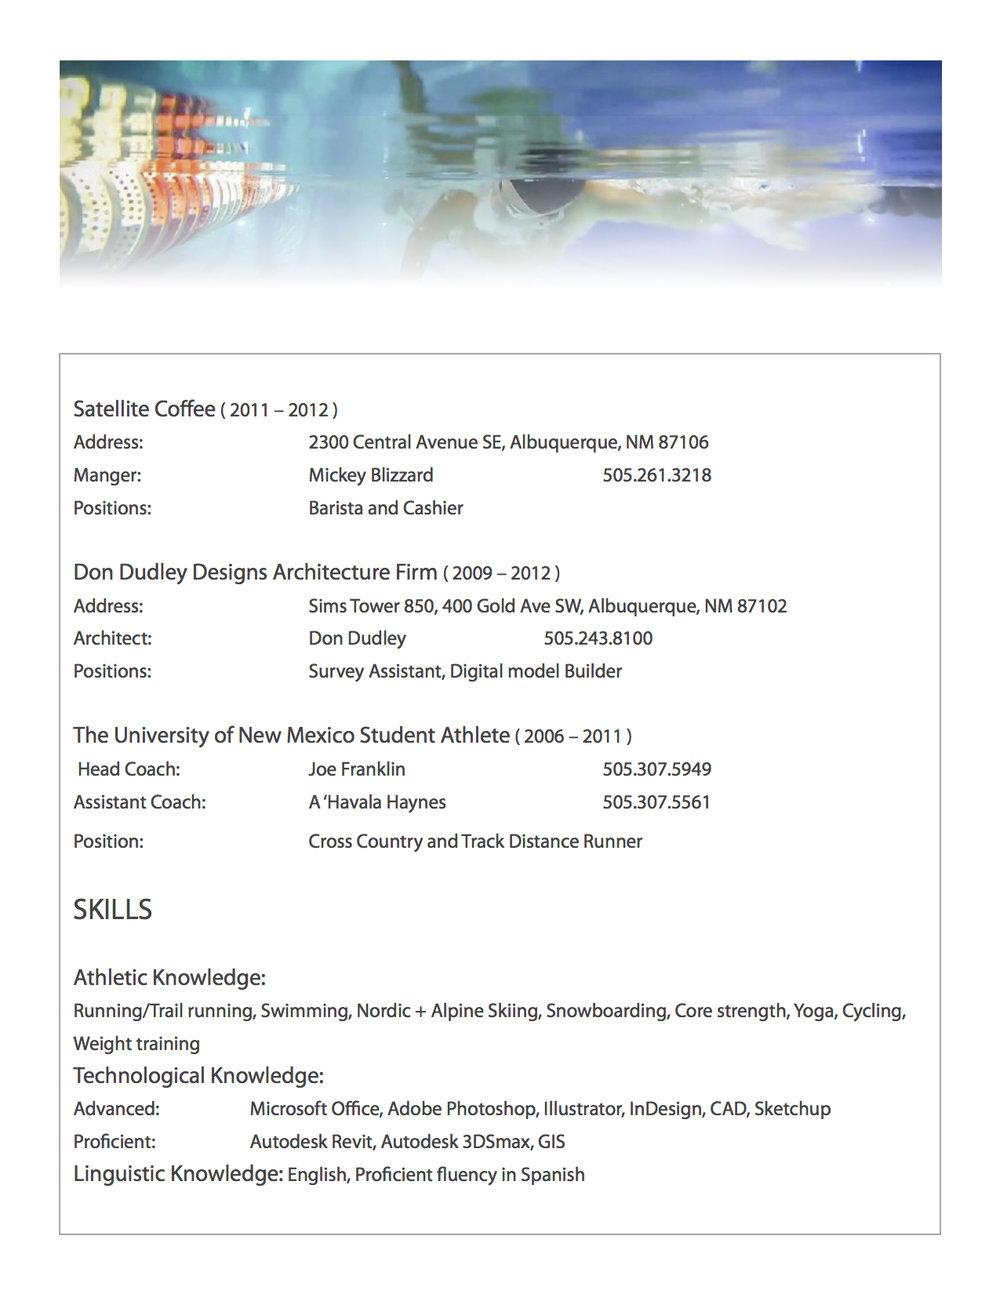 athletic resume alex william willis